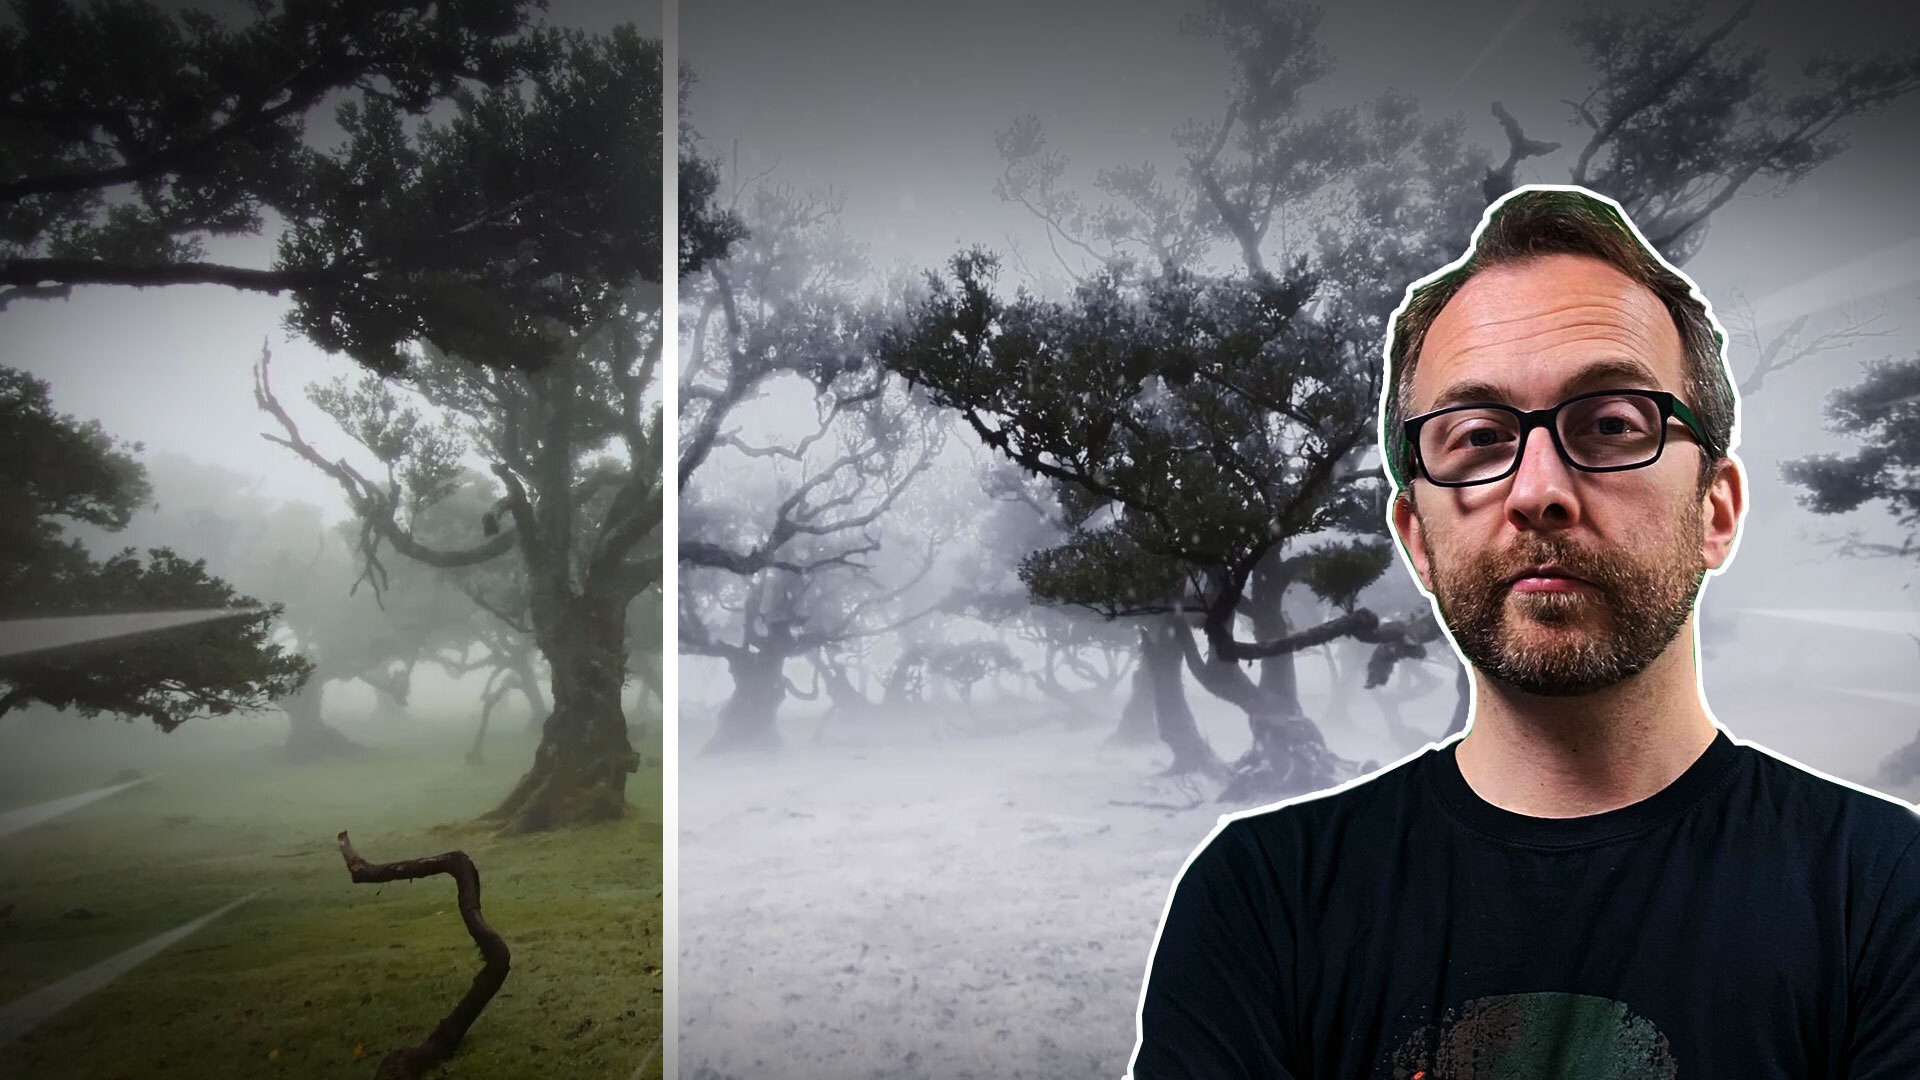 Winter wonderland weather change VFX tutorial